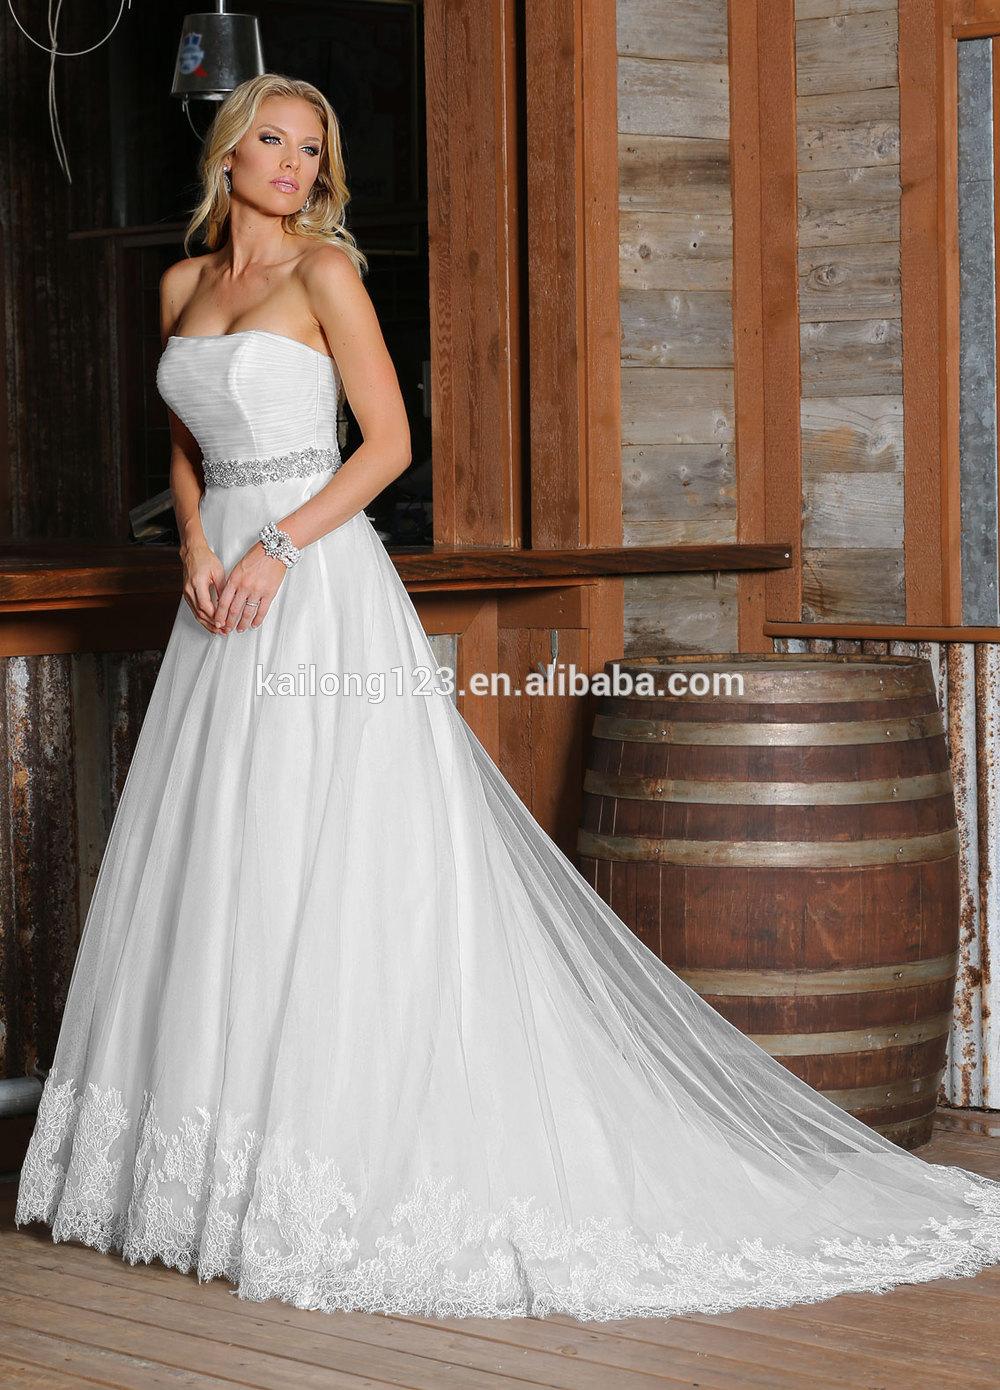 Acanalada vestido de novia de la blusa